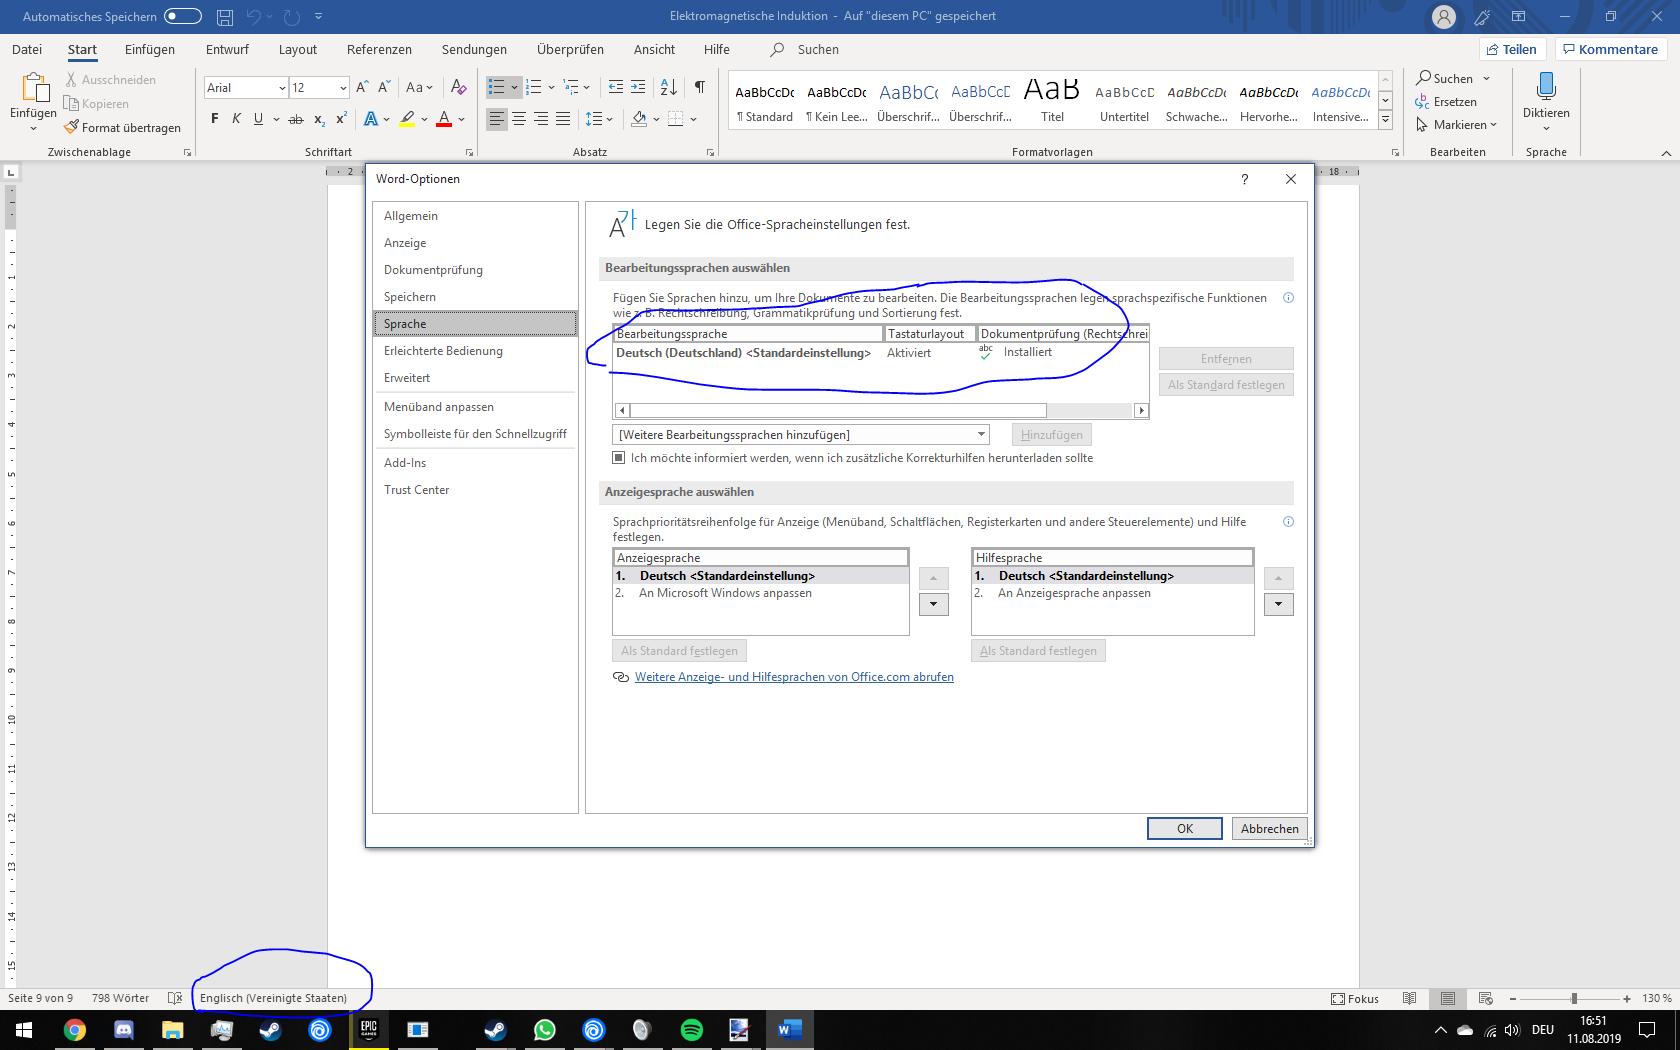 Anrufe Von Microsoft Auf Englisch